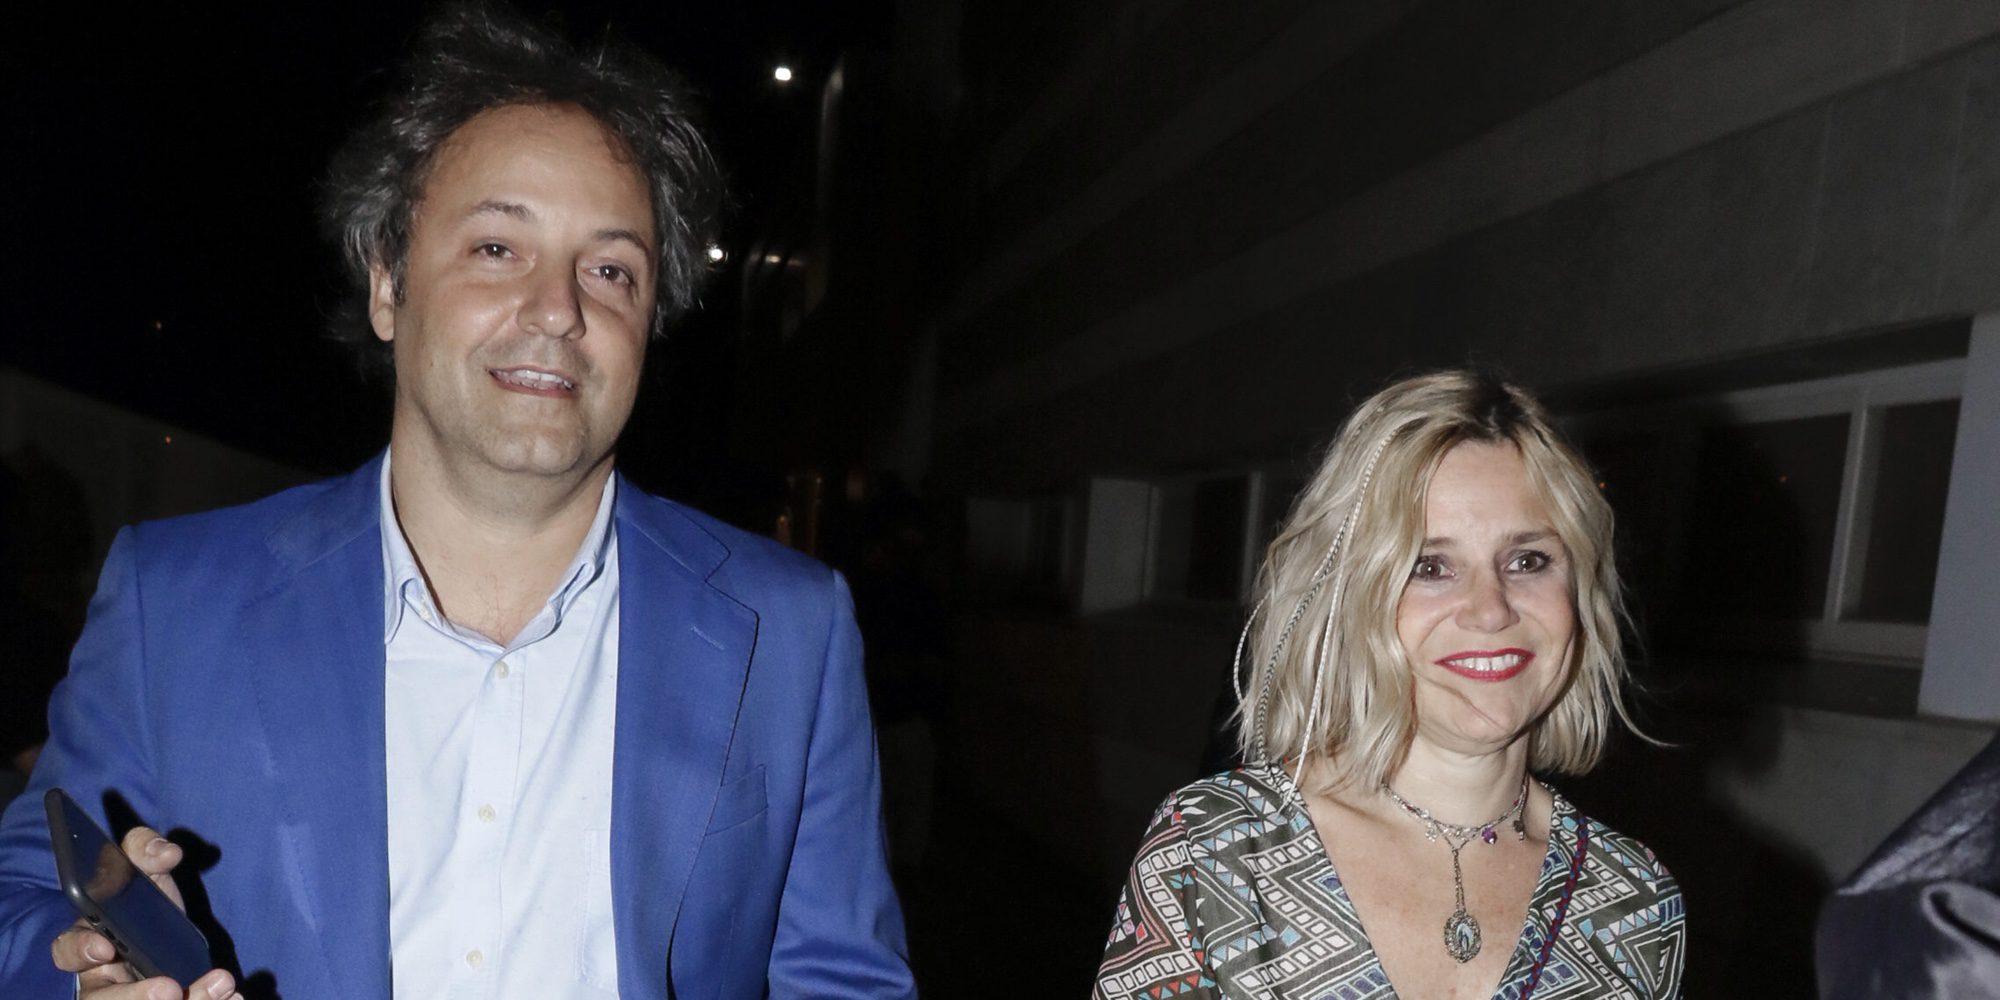 La foto que podría confirmar la boda entre Eugenia Martínez de Irujo y Narcís Rebollo en Las Vegas